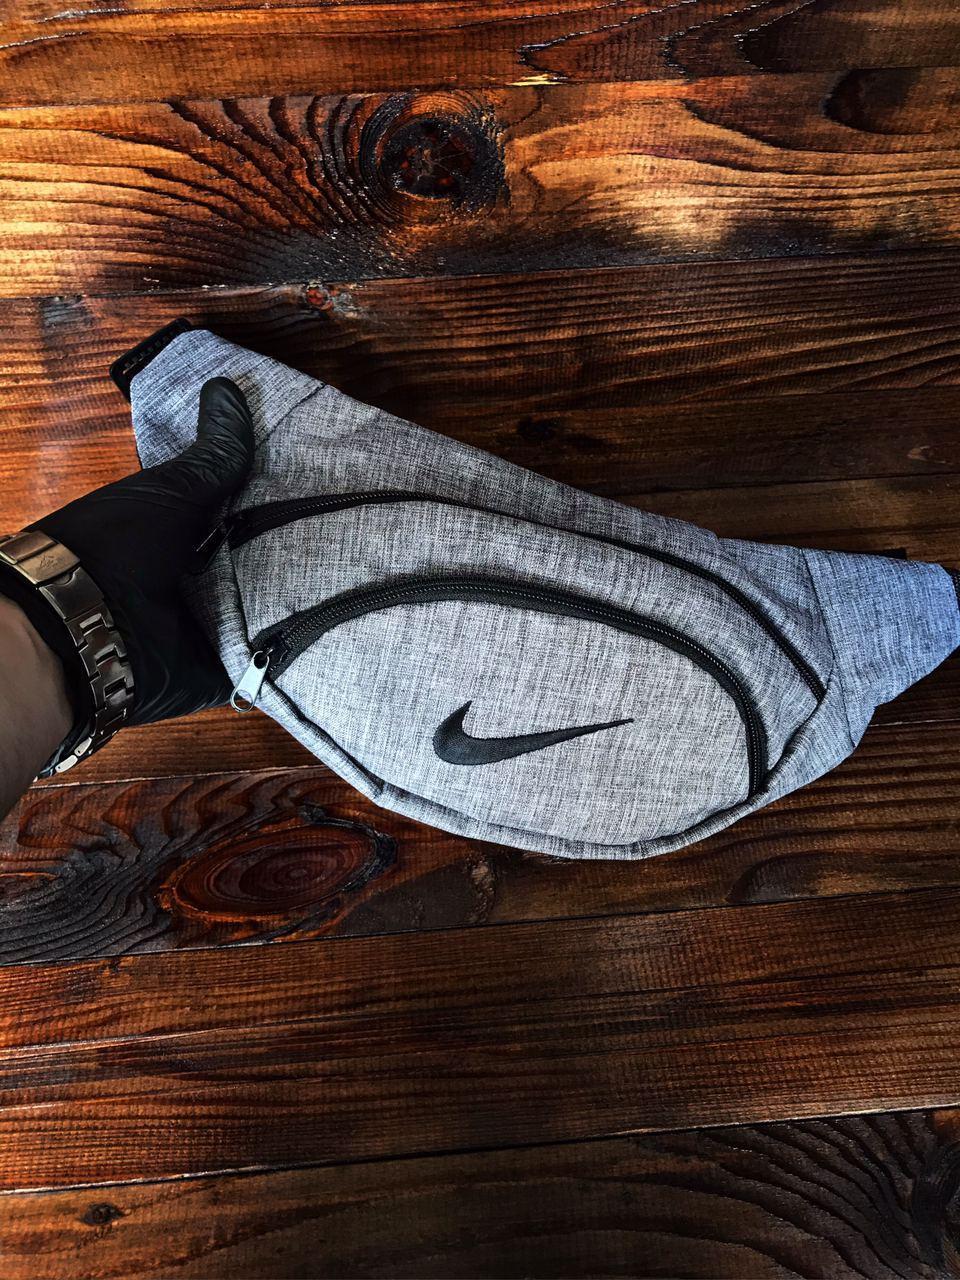 Поясная сумка Серая Бананка Nike Логотип черный Мужская Женская